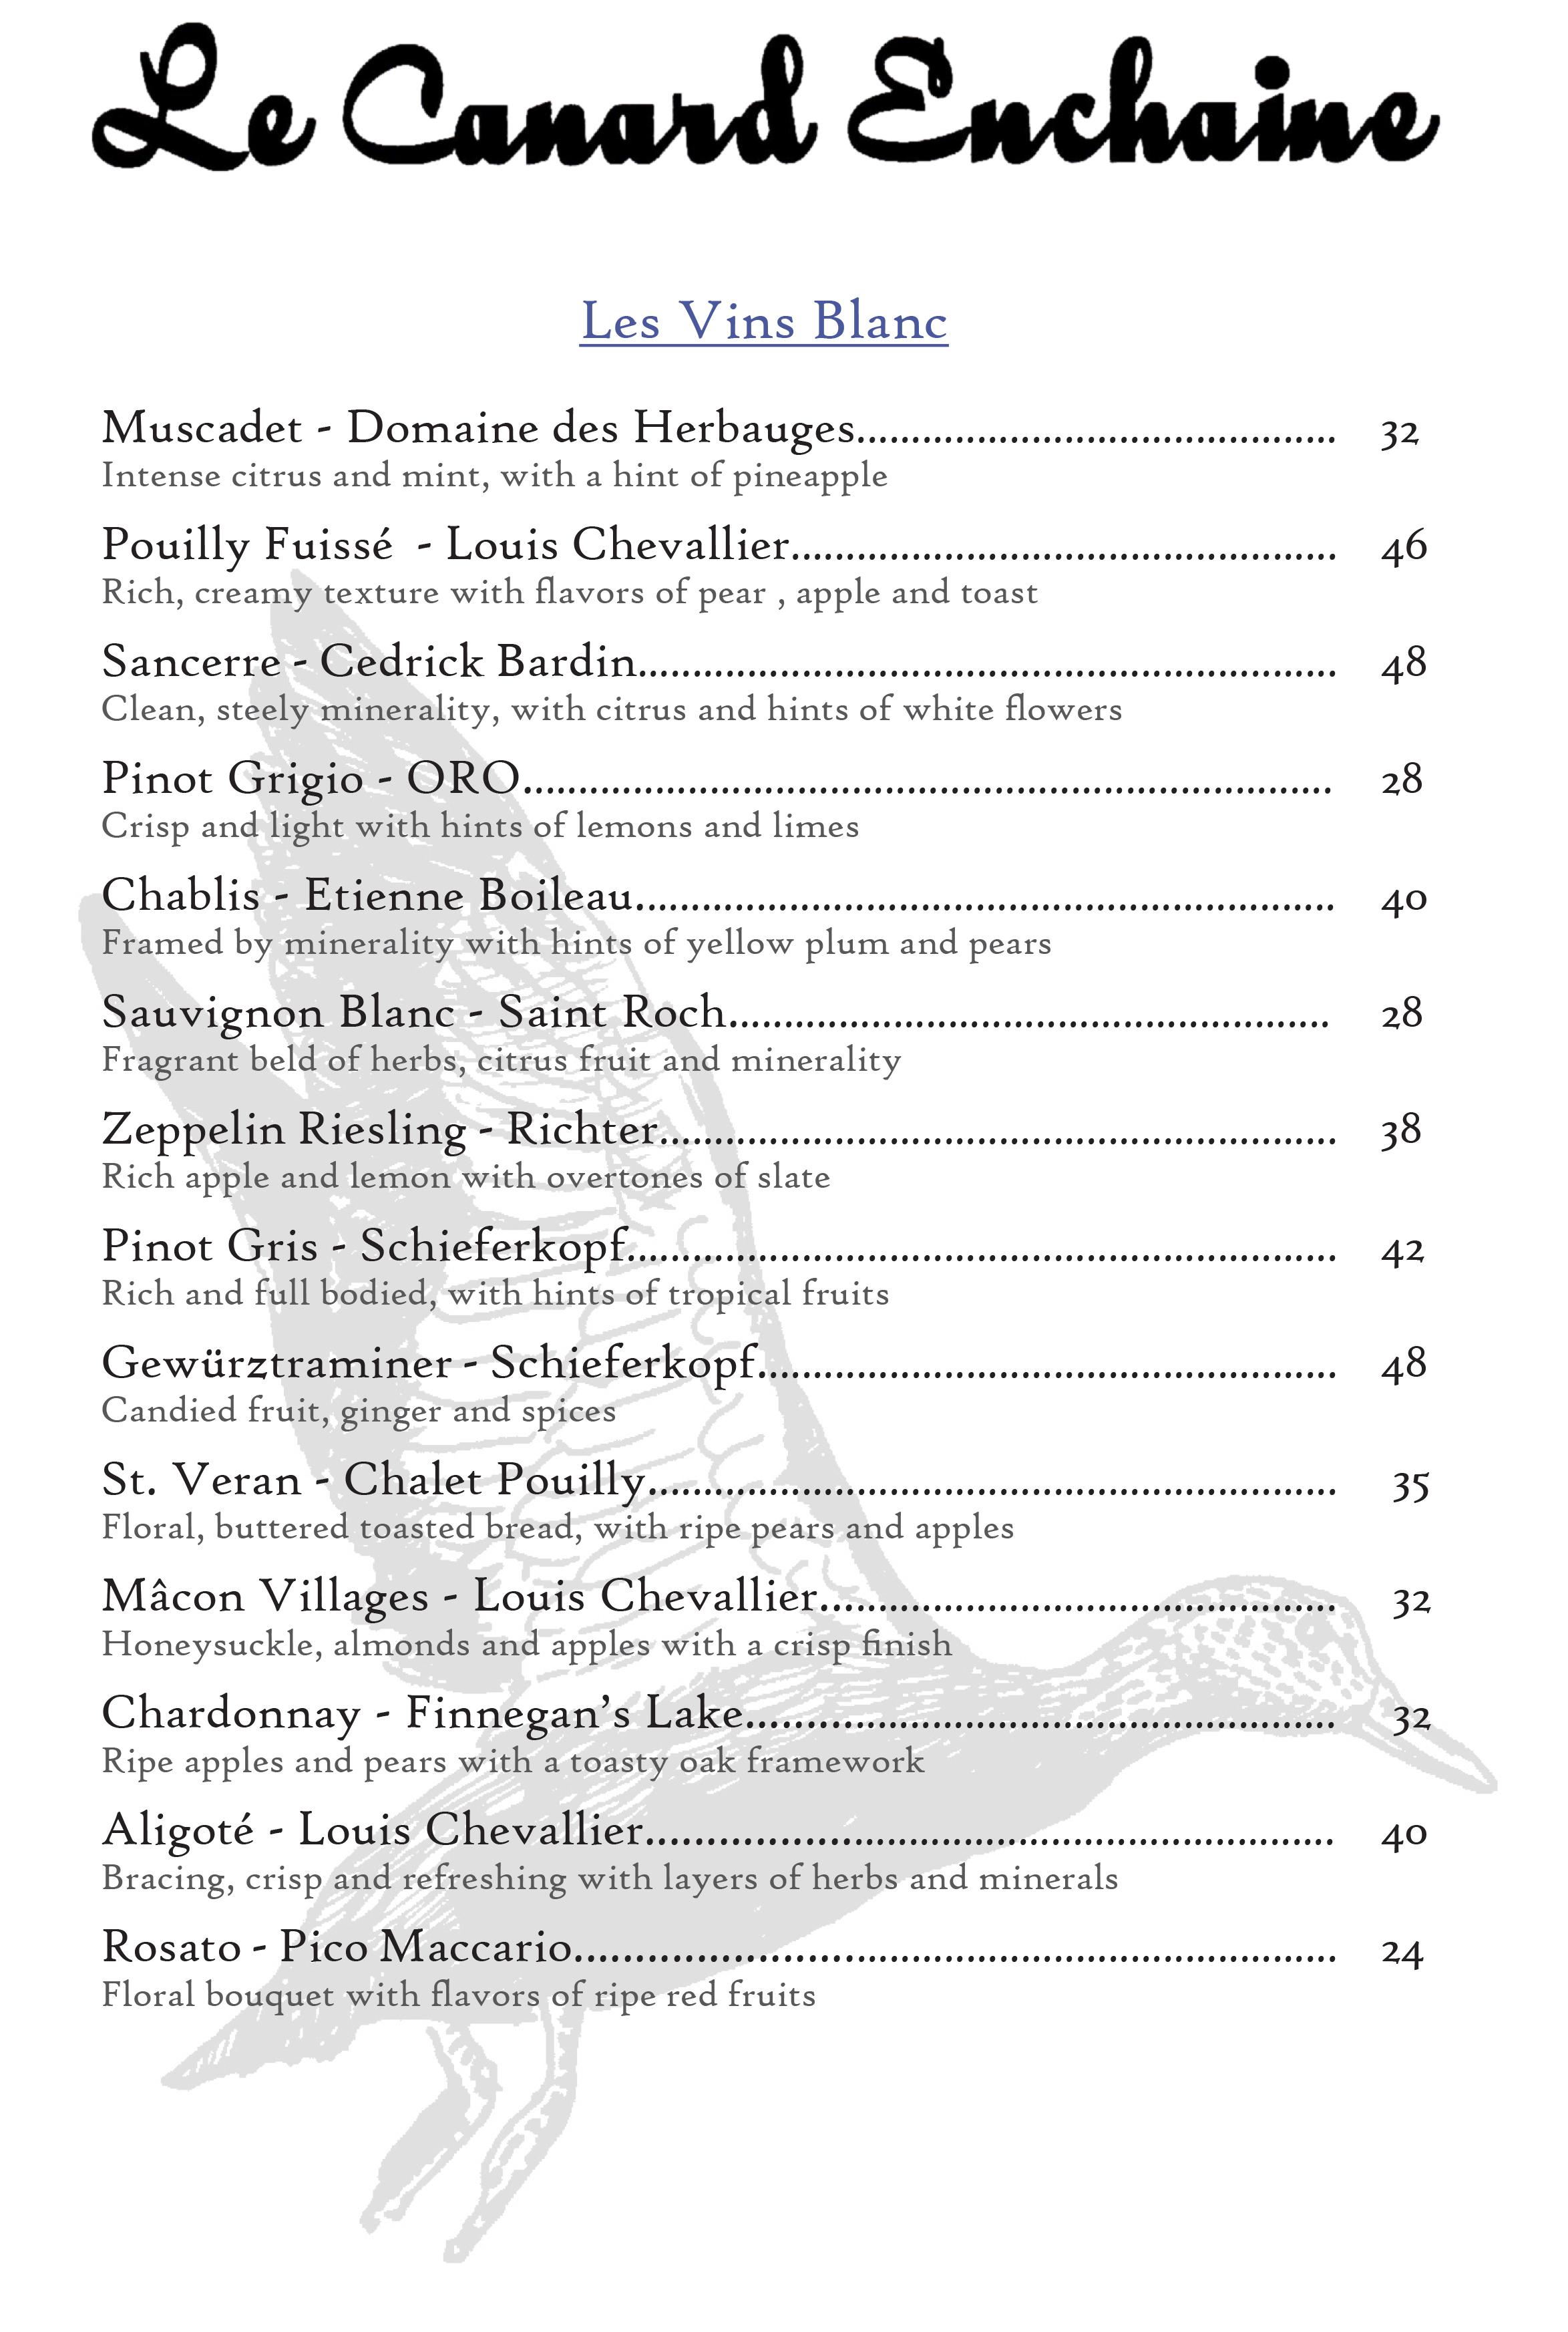 White Wine august 2013.jpg